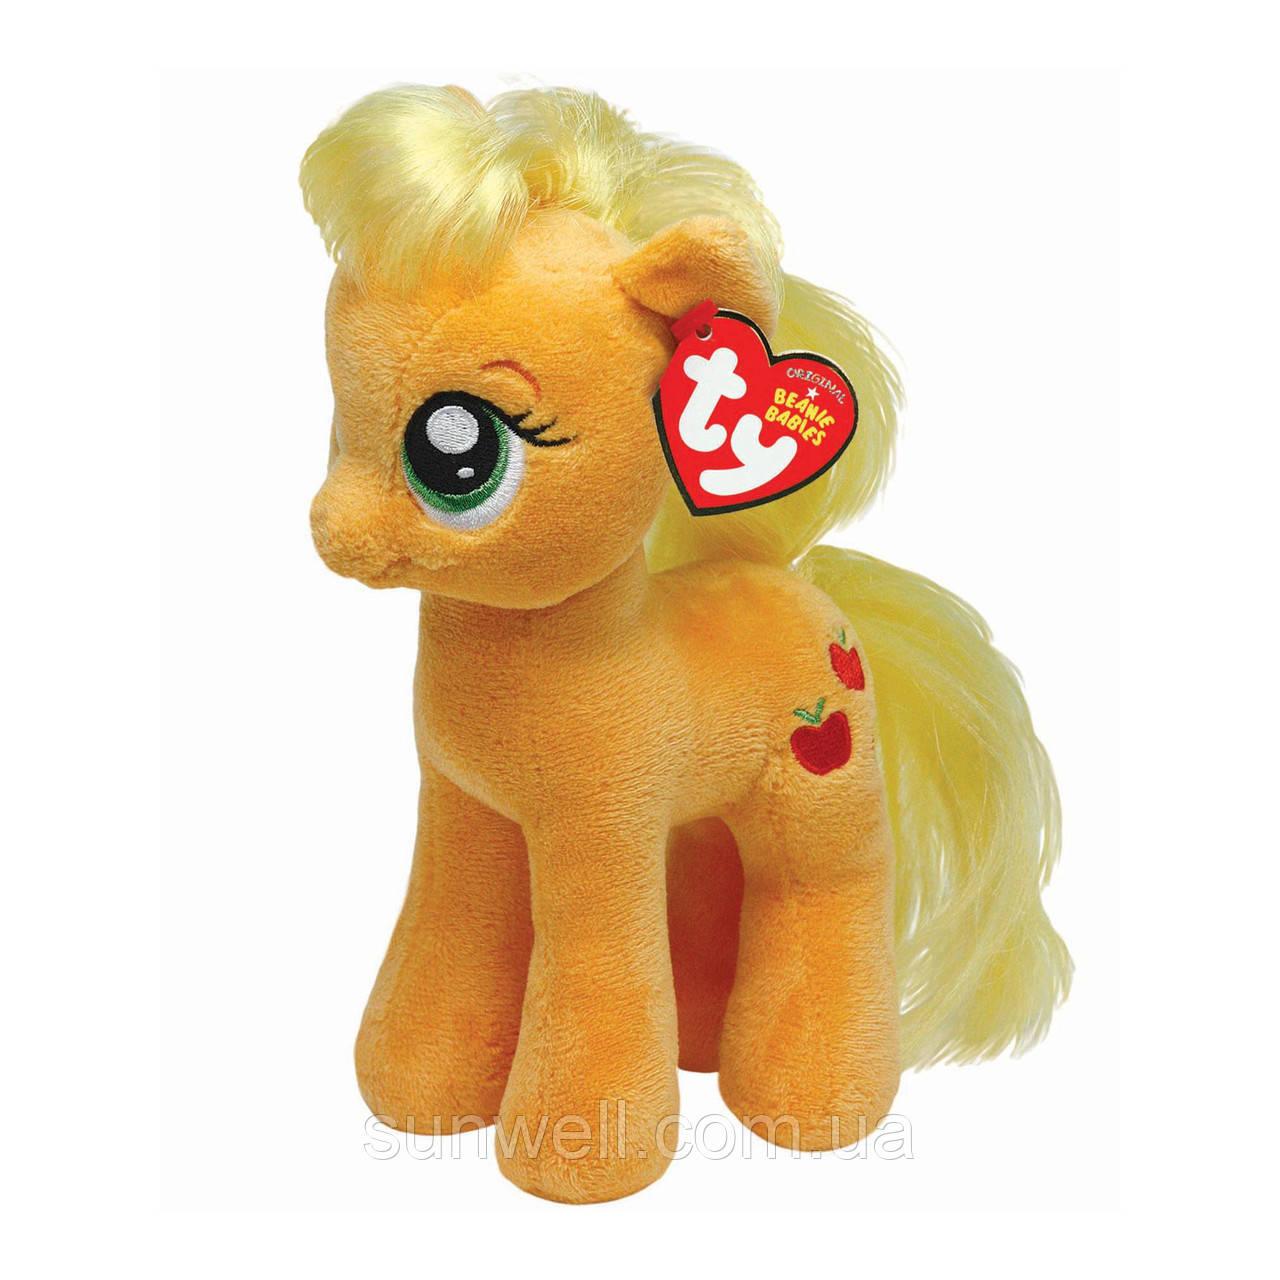 TY My little pony Applejack, 30см